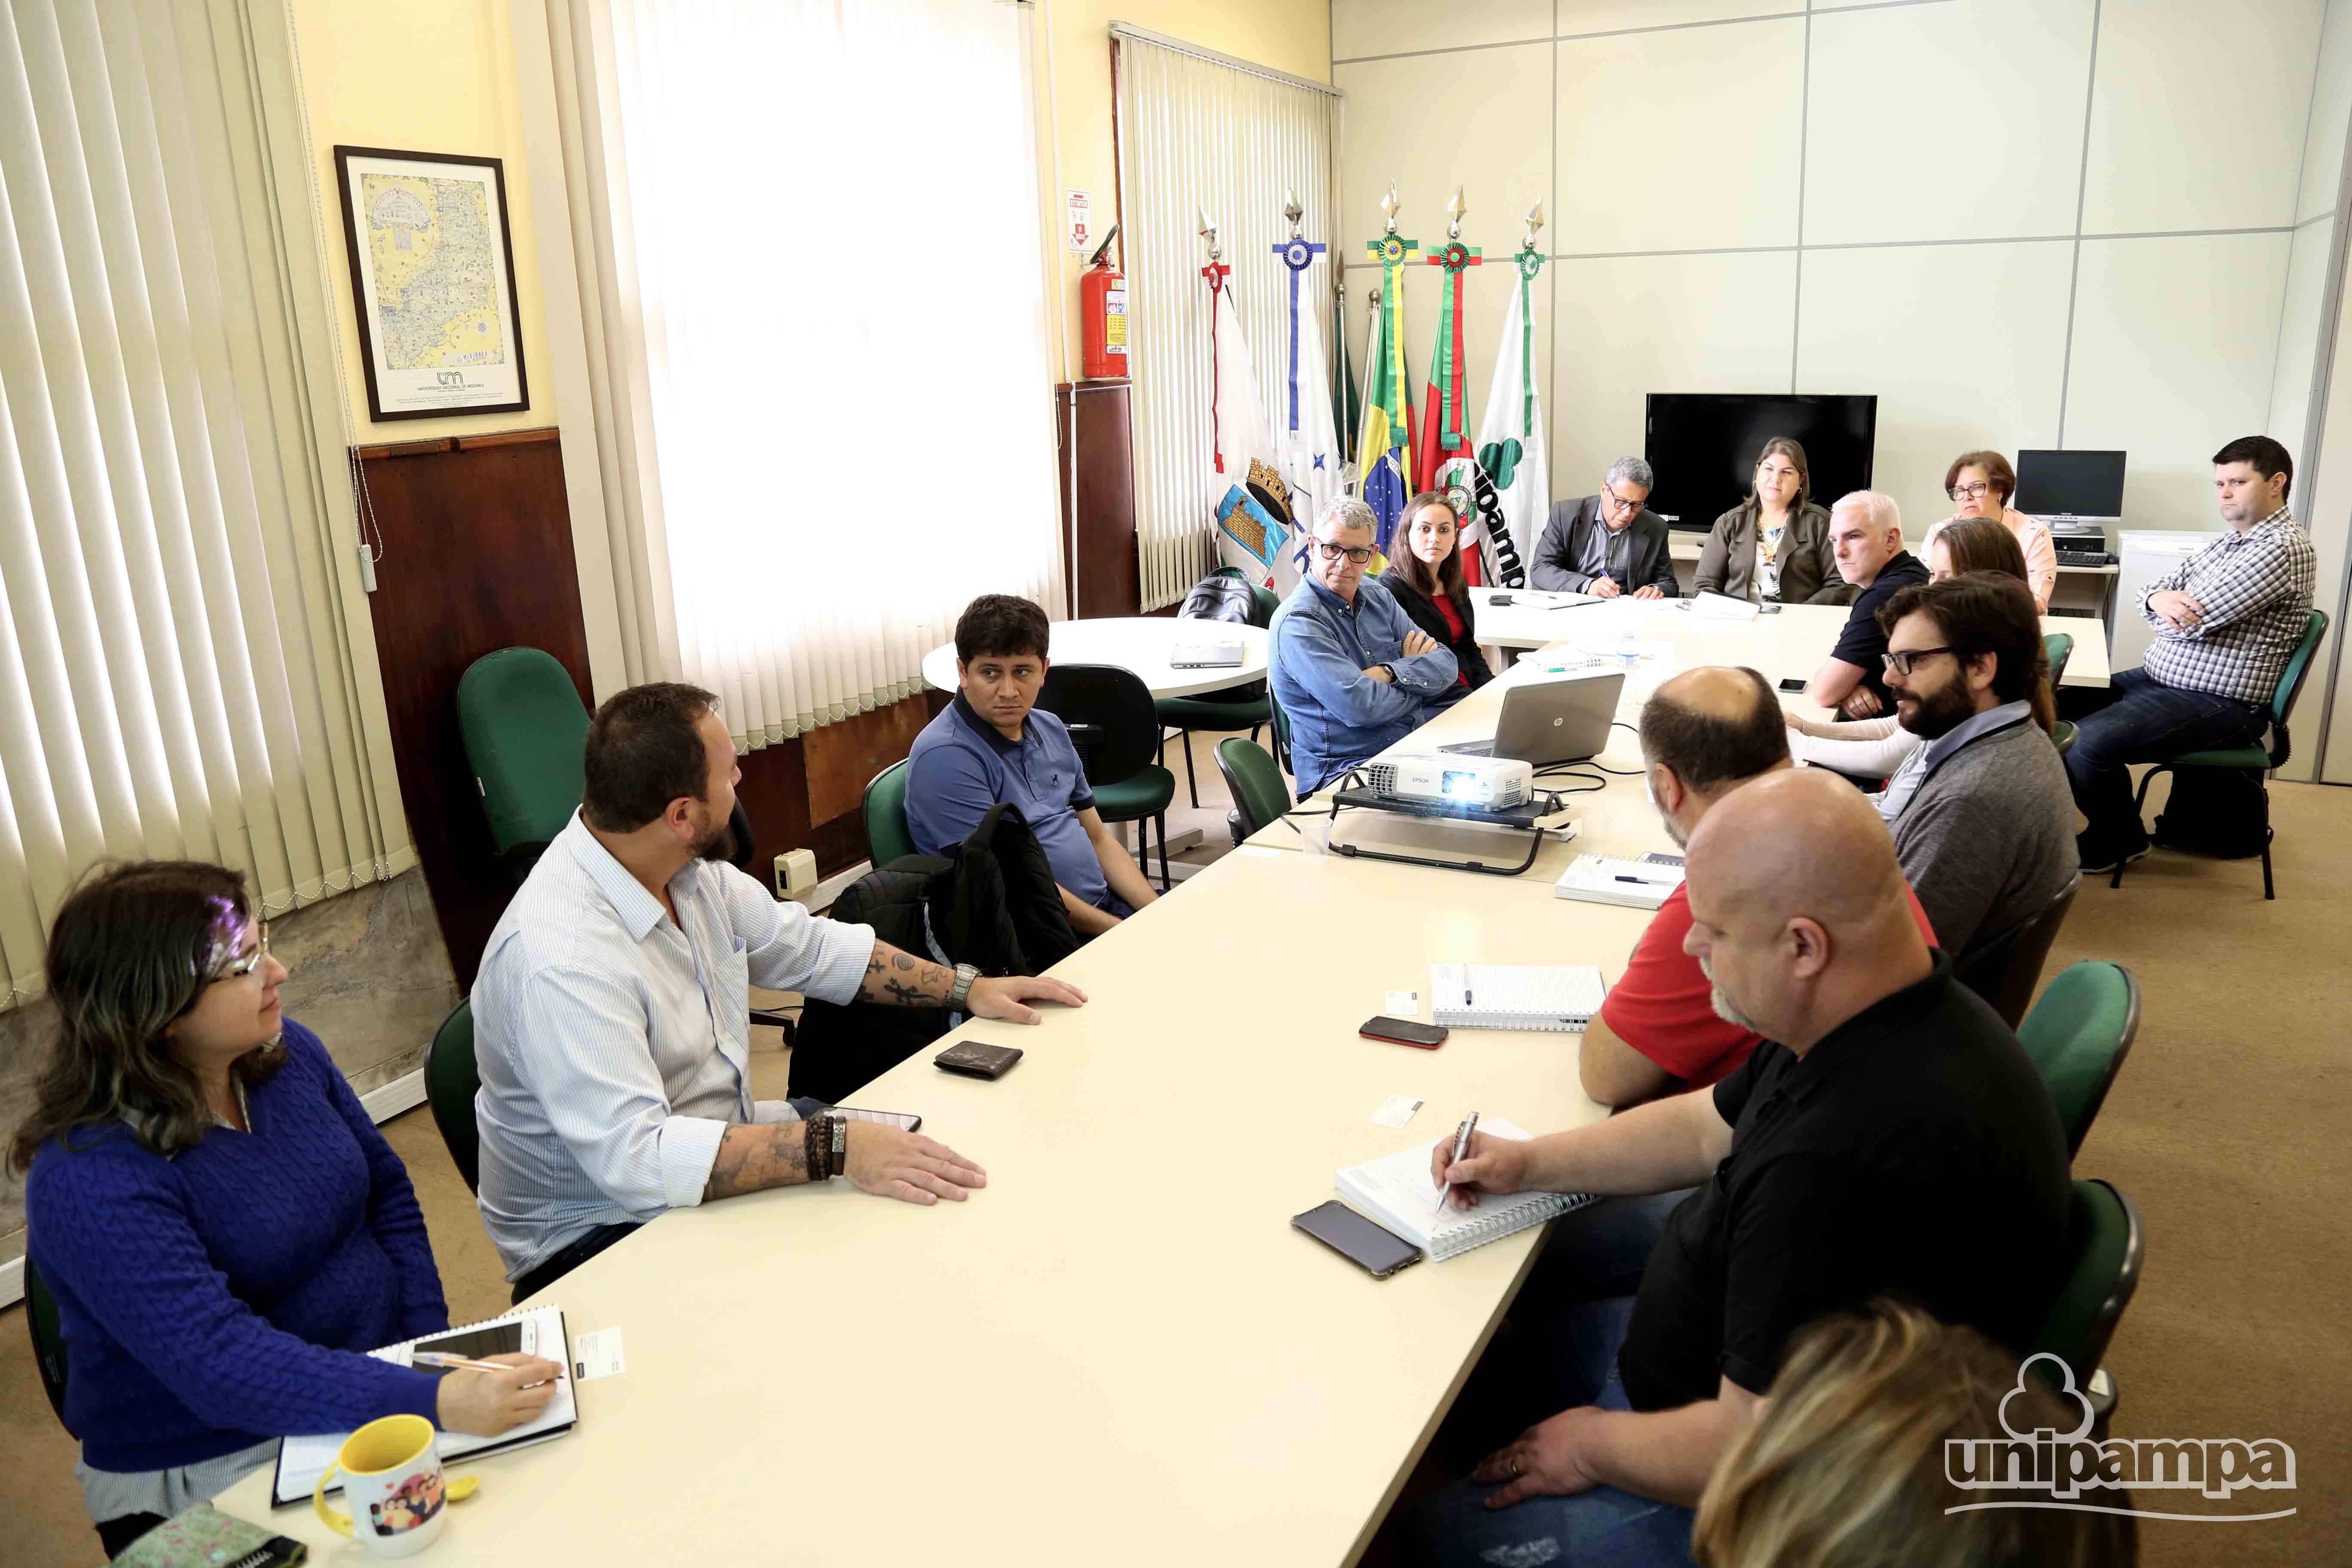 Reunião marca a autorização da FLE como entidade de apoio à Unipampa - Foto: Ronaldo Estevam